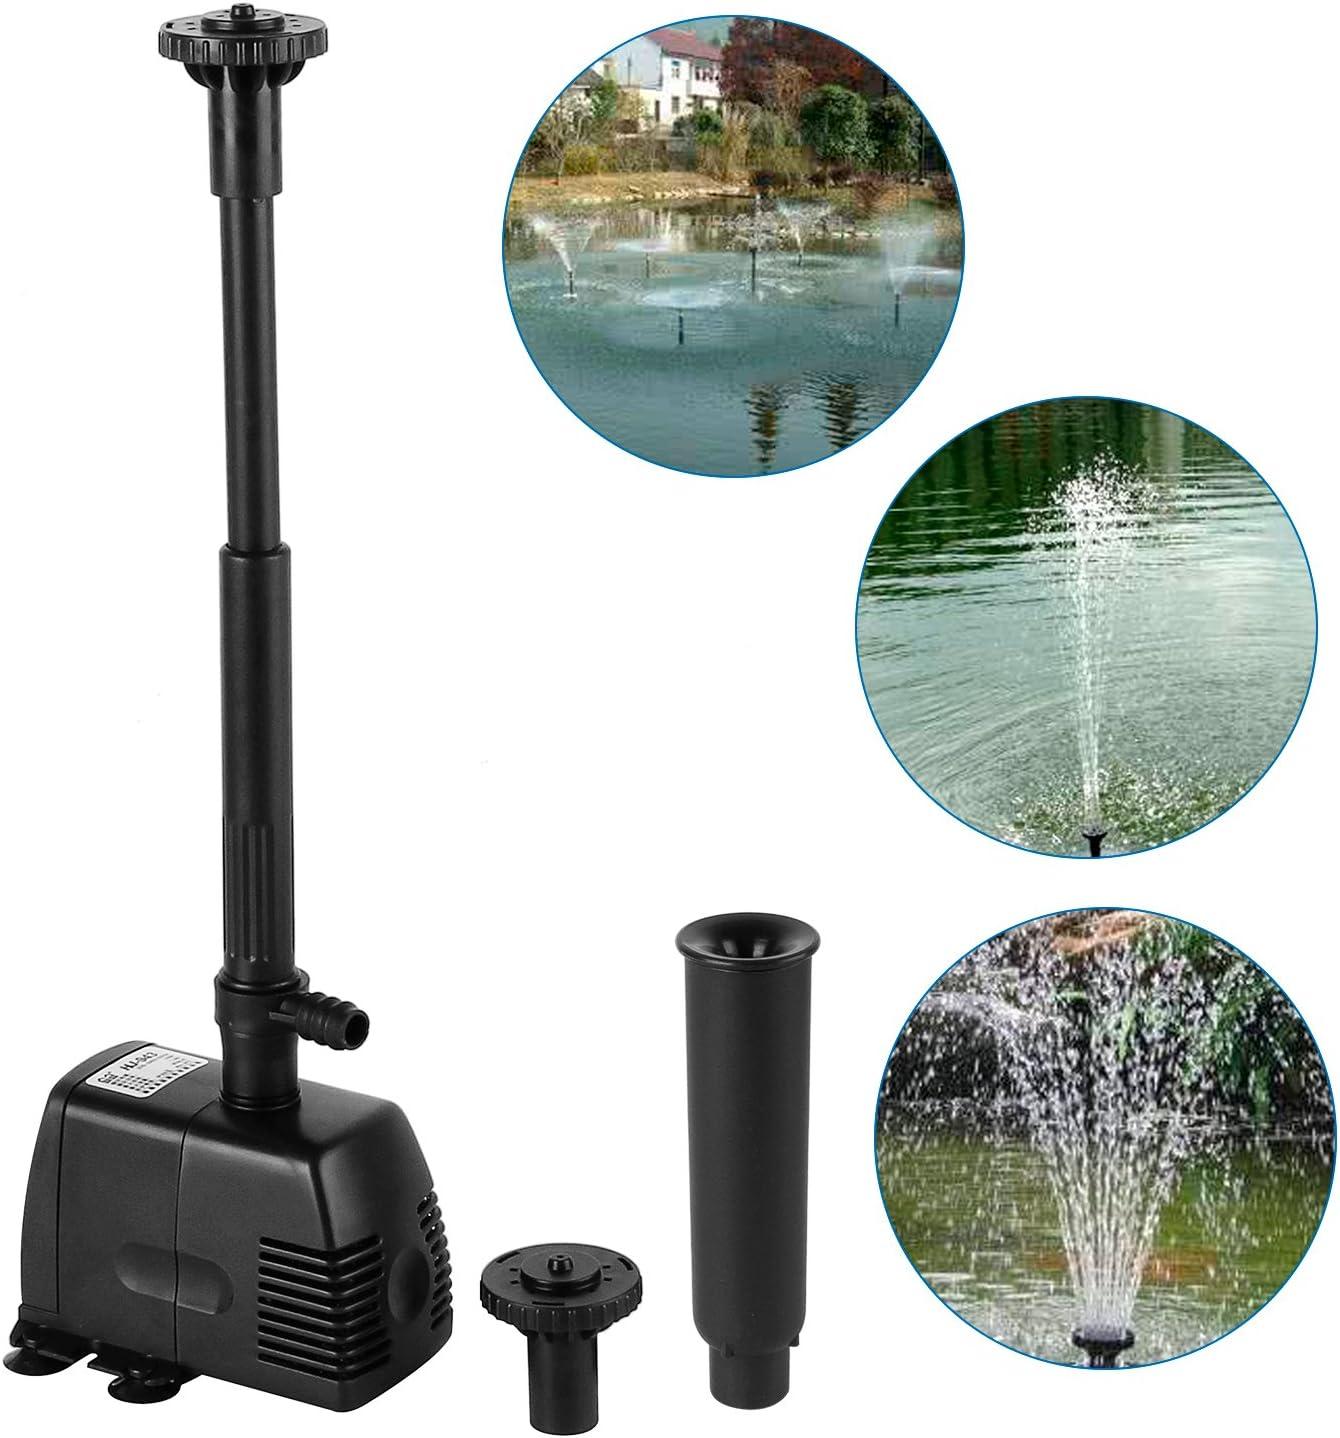 22W 1000L//h Springbrunnenpumpe Teichpumpe Fontäne Wasserspielpumpe Gartenpumpe